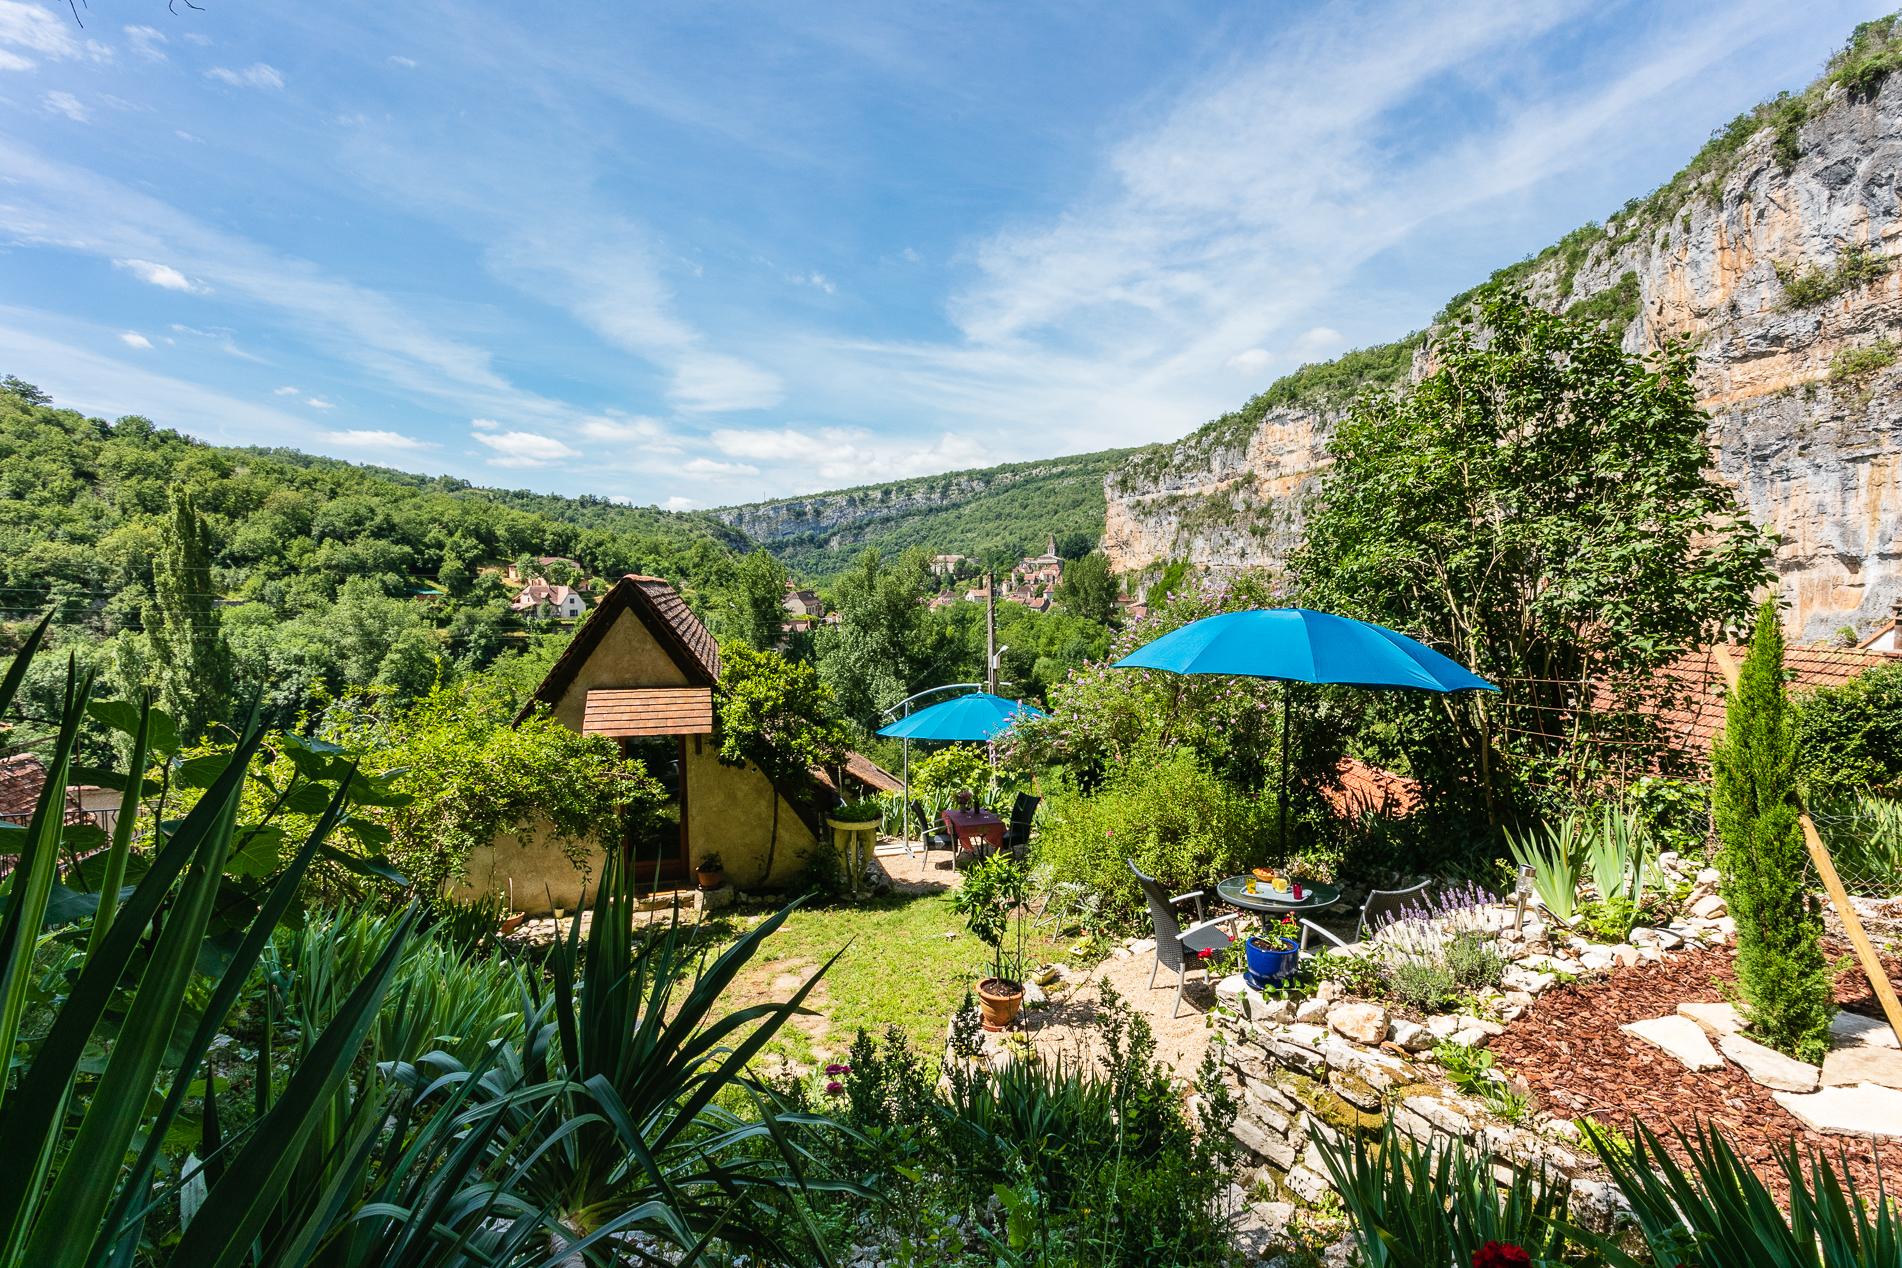 Jardin - Location vacances gîte à Cabrerets Un Jardin dans la Falaise